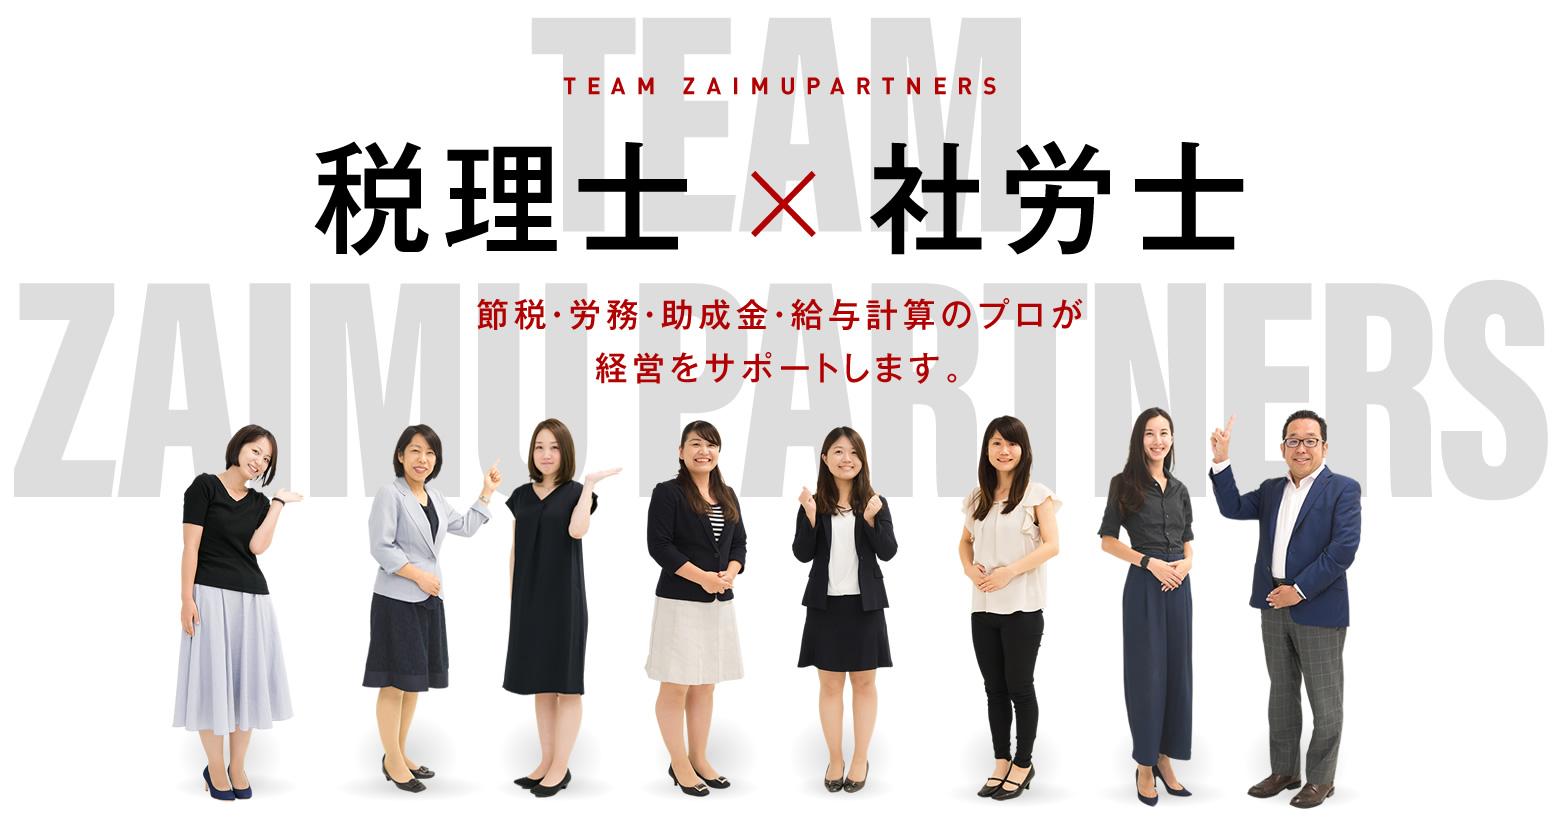 チーム ザイムパートナーズ が税務・労務の両面から徹底的にサポートします。